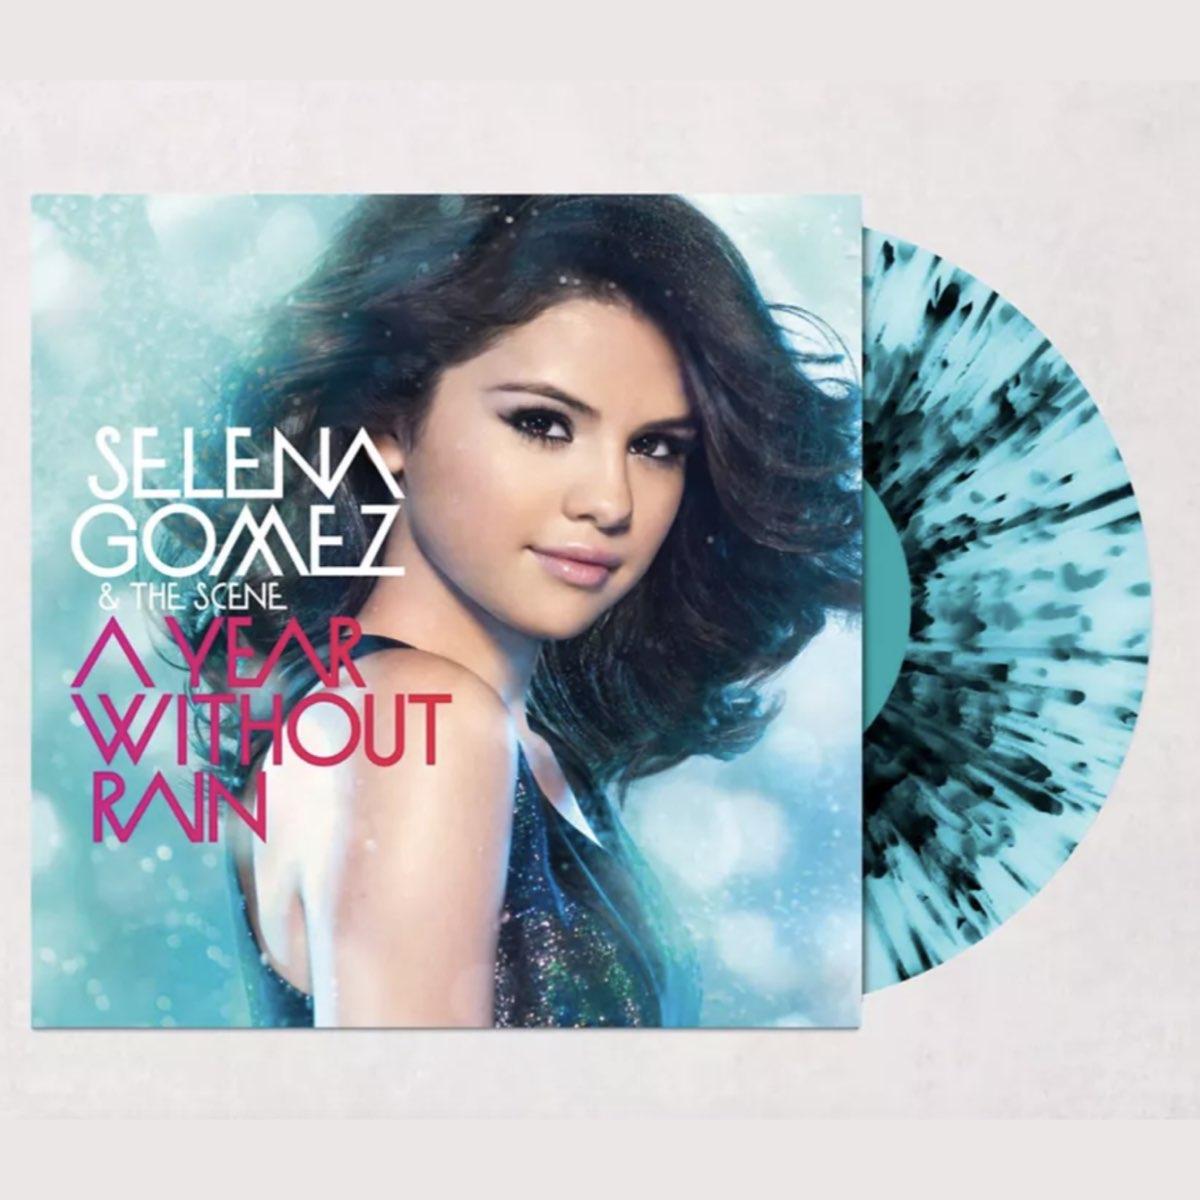 Selena Gomez & The Scene - A Year Without Rain [Edição Limitada]